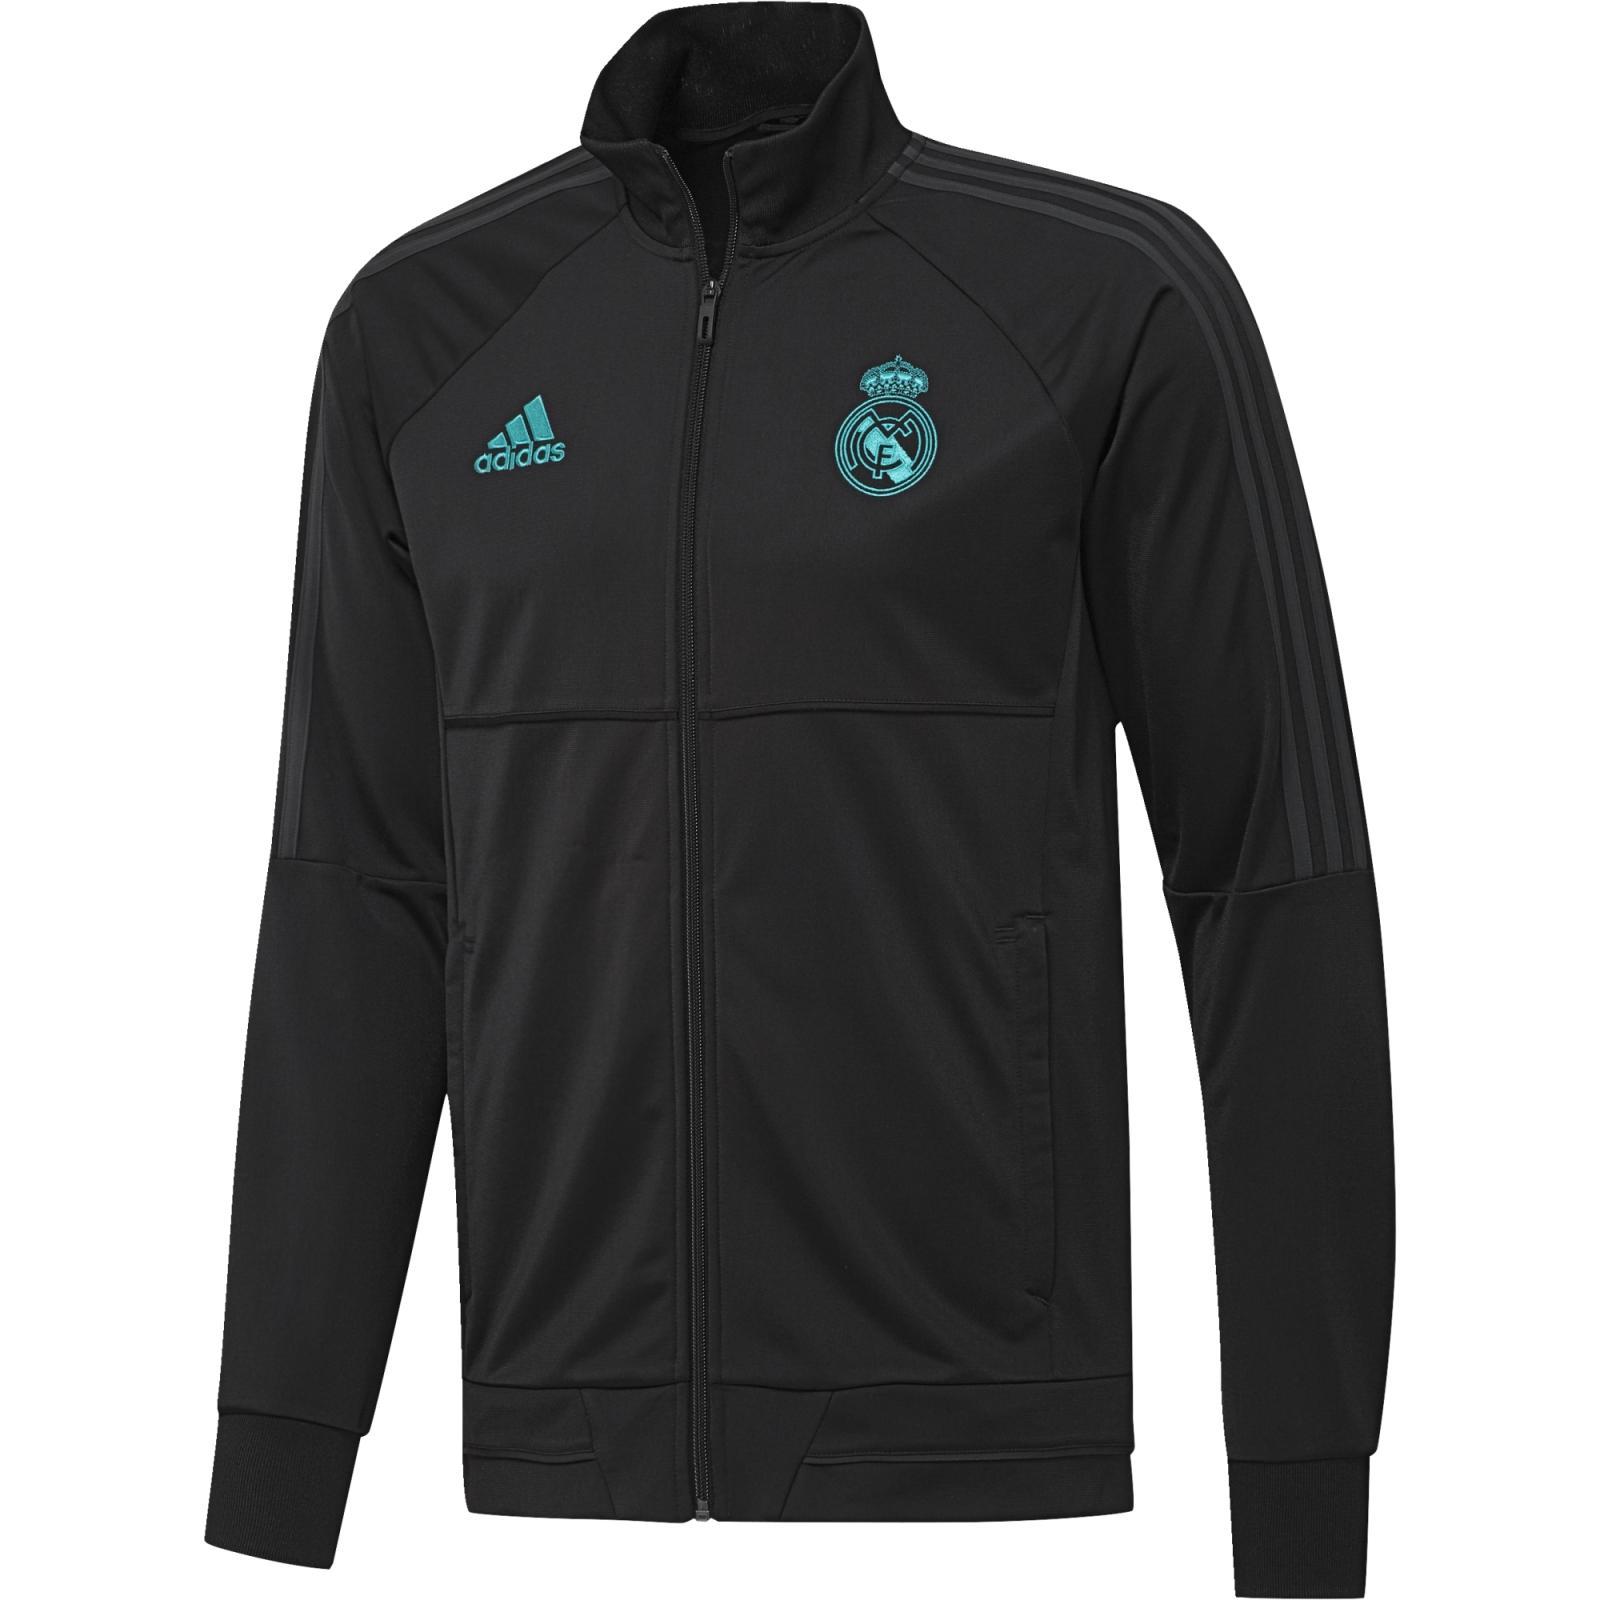 1b4b5fbe1 Real Madrid Adidas komplet paradna trenirka (BQ7862) - Ceneje.si